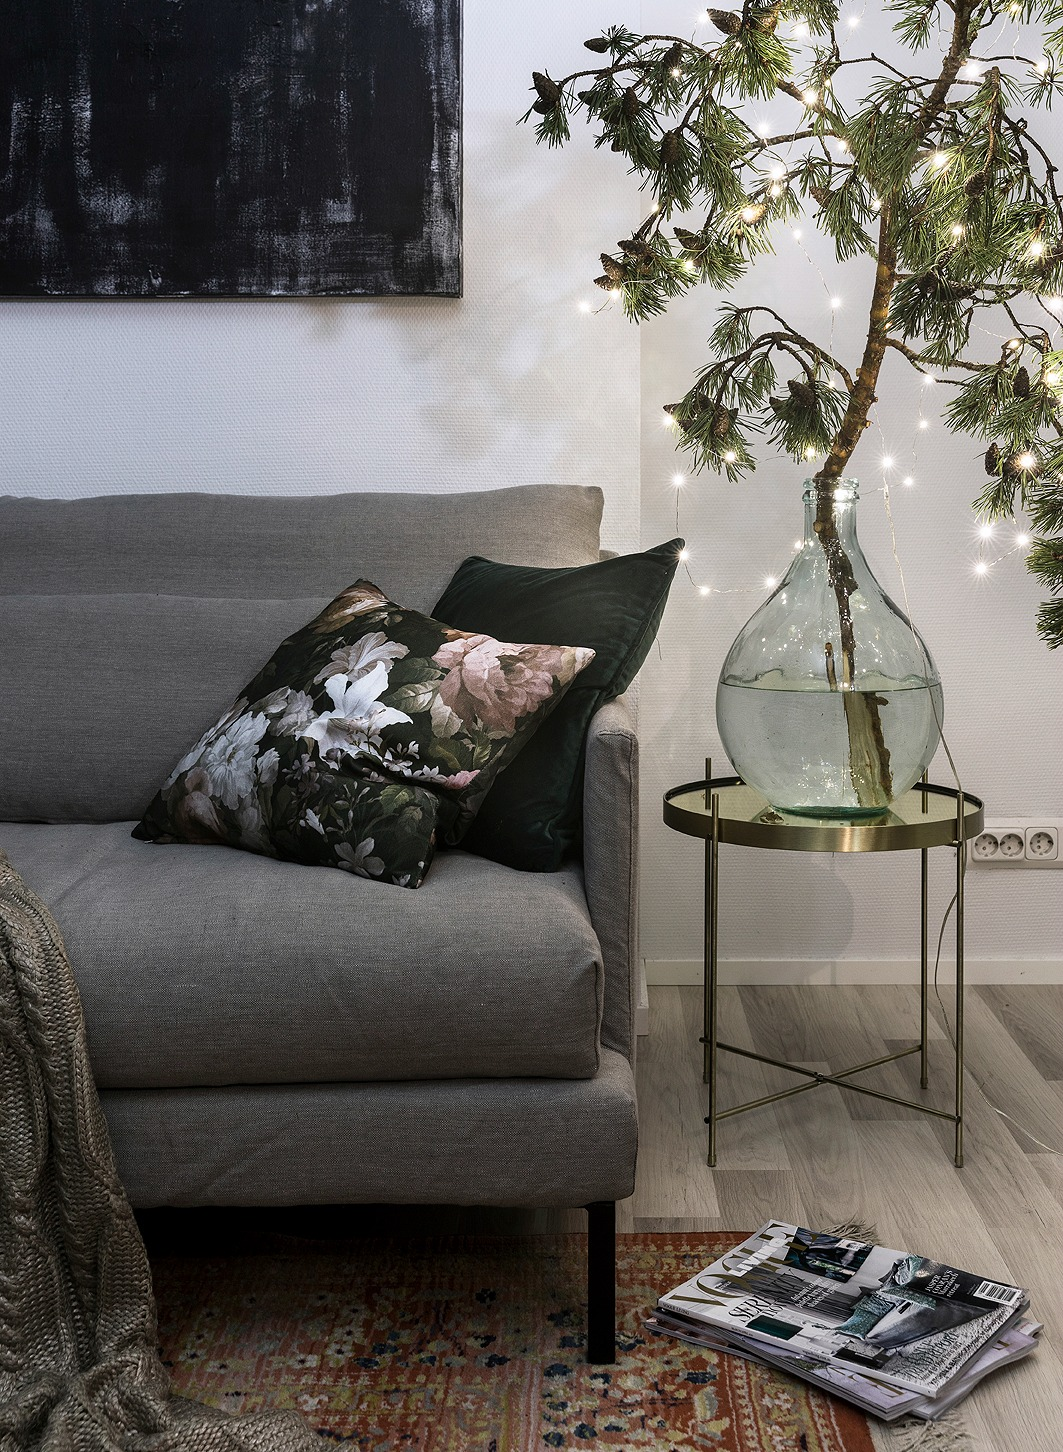 livingspace, sisustus, sisustaminen, olohuone, livingroom, scandinavian design, HT Collection, sohva, couch, linen, flax, pellava, pellavasohva, pellavapäällinen, suomalainen, kotimainen, Visualaddict, valokuvaaja, Frida Steiner, koti, samettityynyt, Svanefors, kulta, messinki, Zara home